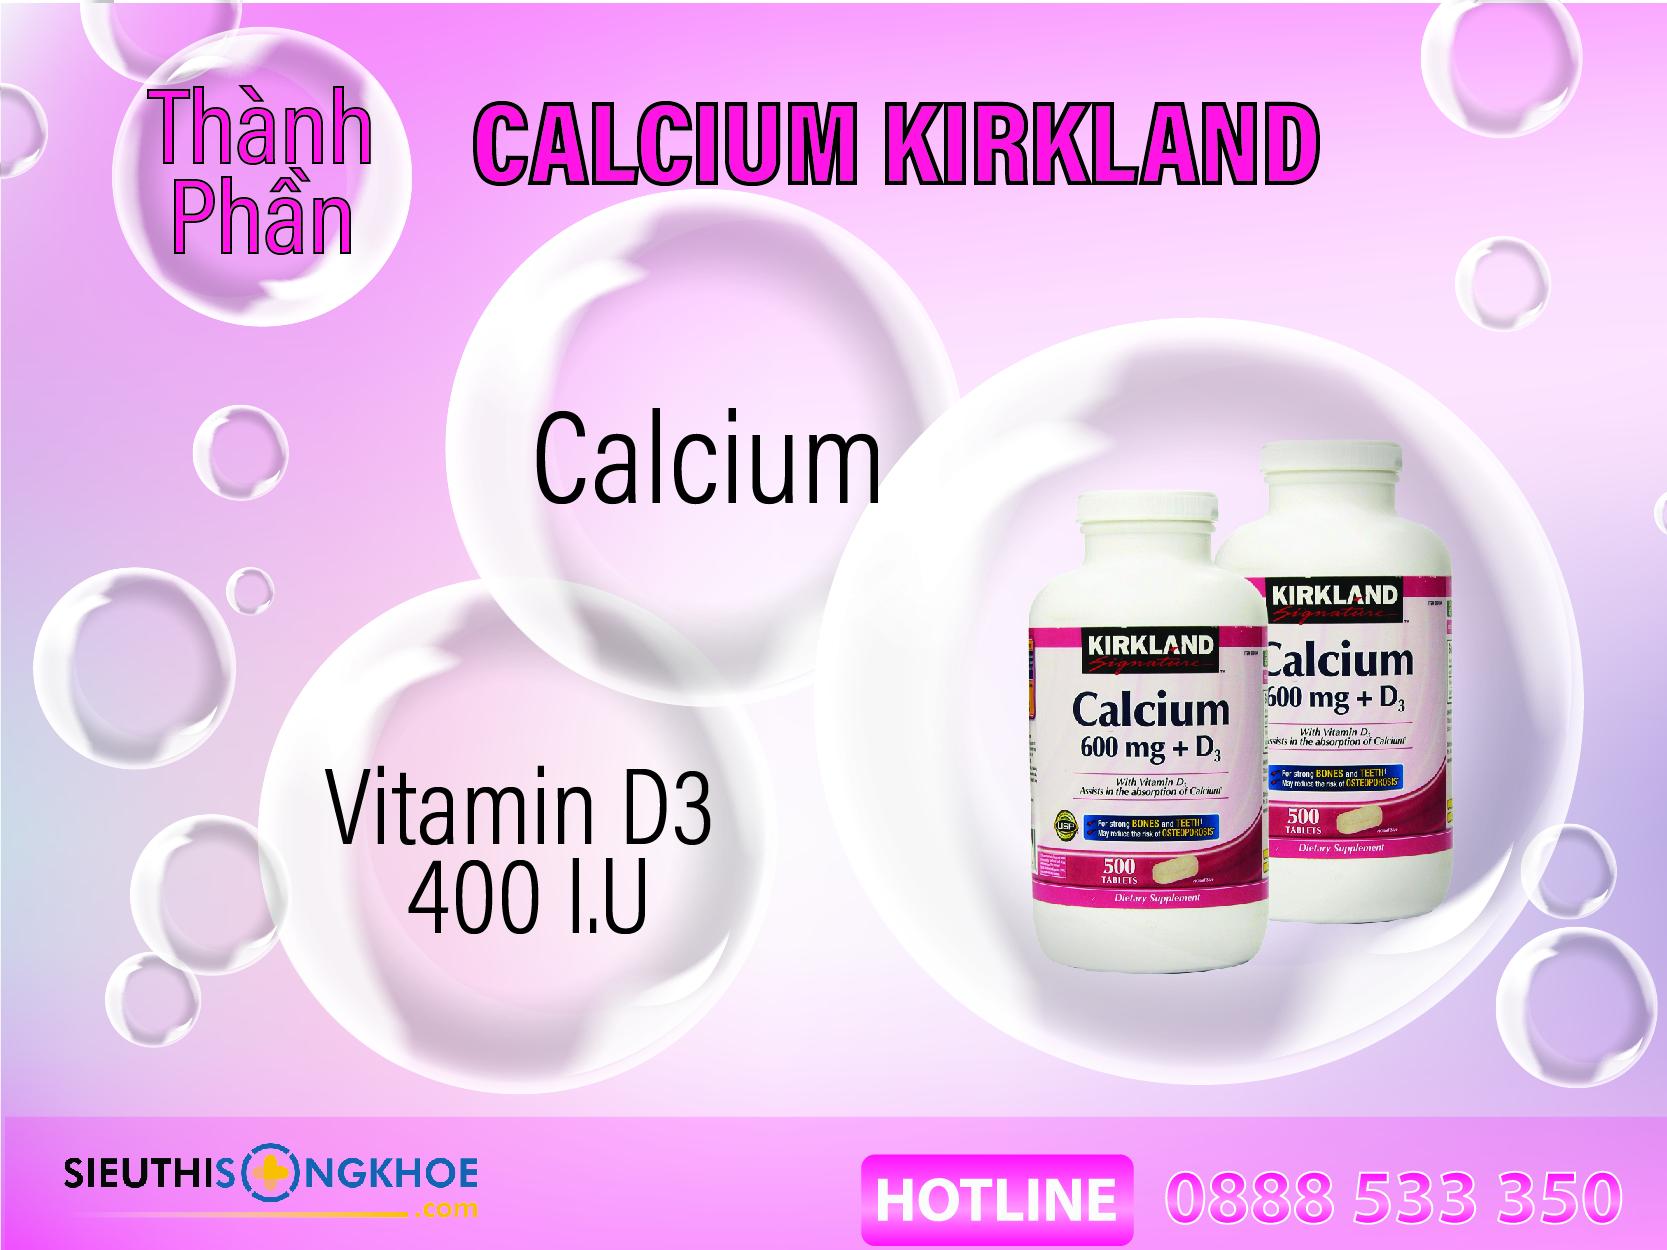 thành phần calcium kirkland